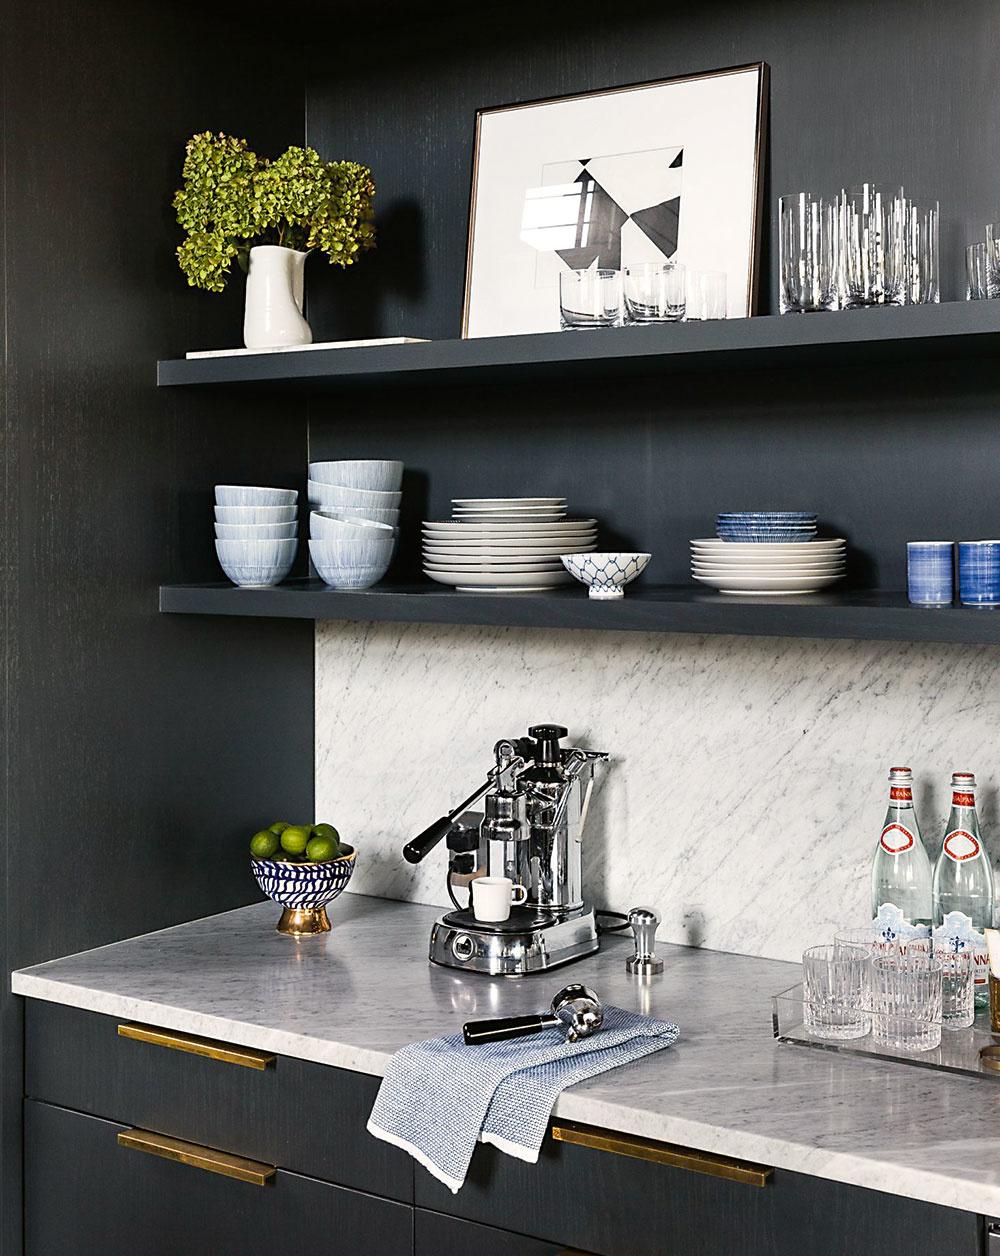 Kútik pre kávičkárov imilovníkov vína. Je príjemné, ak majú napríklad nápoje vyčlenený priestor mimo pracovnej plochy. Do spodnej časti si môžete zabudovať vinotéku, na dosku umiestniť kávovar apoličky zaplniť pohármi.